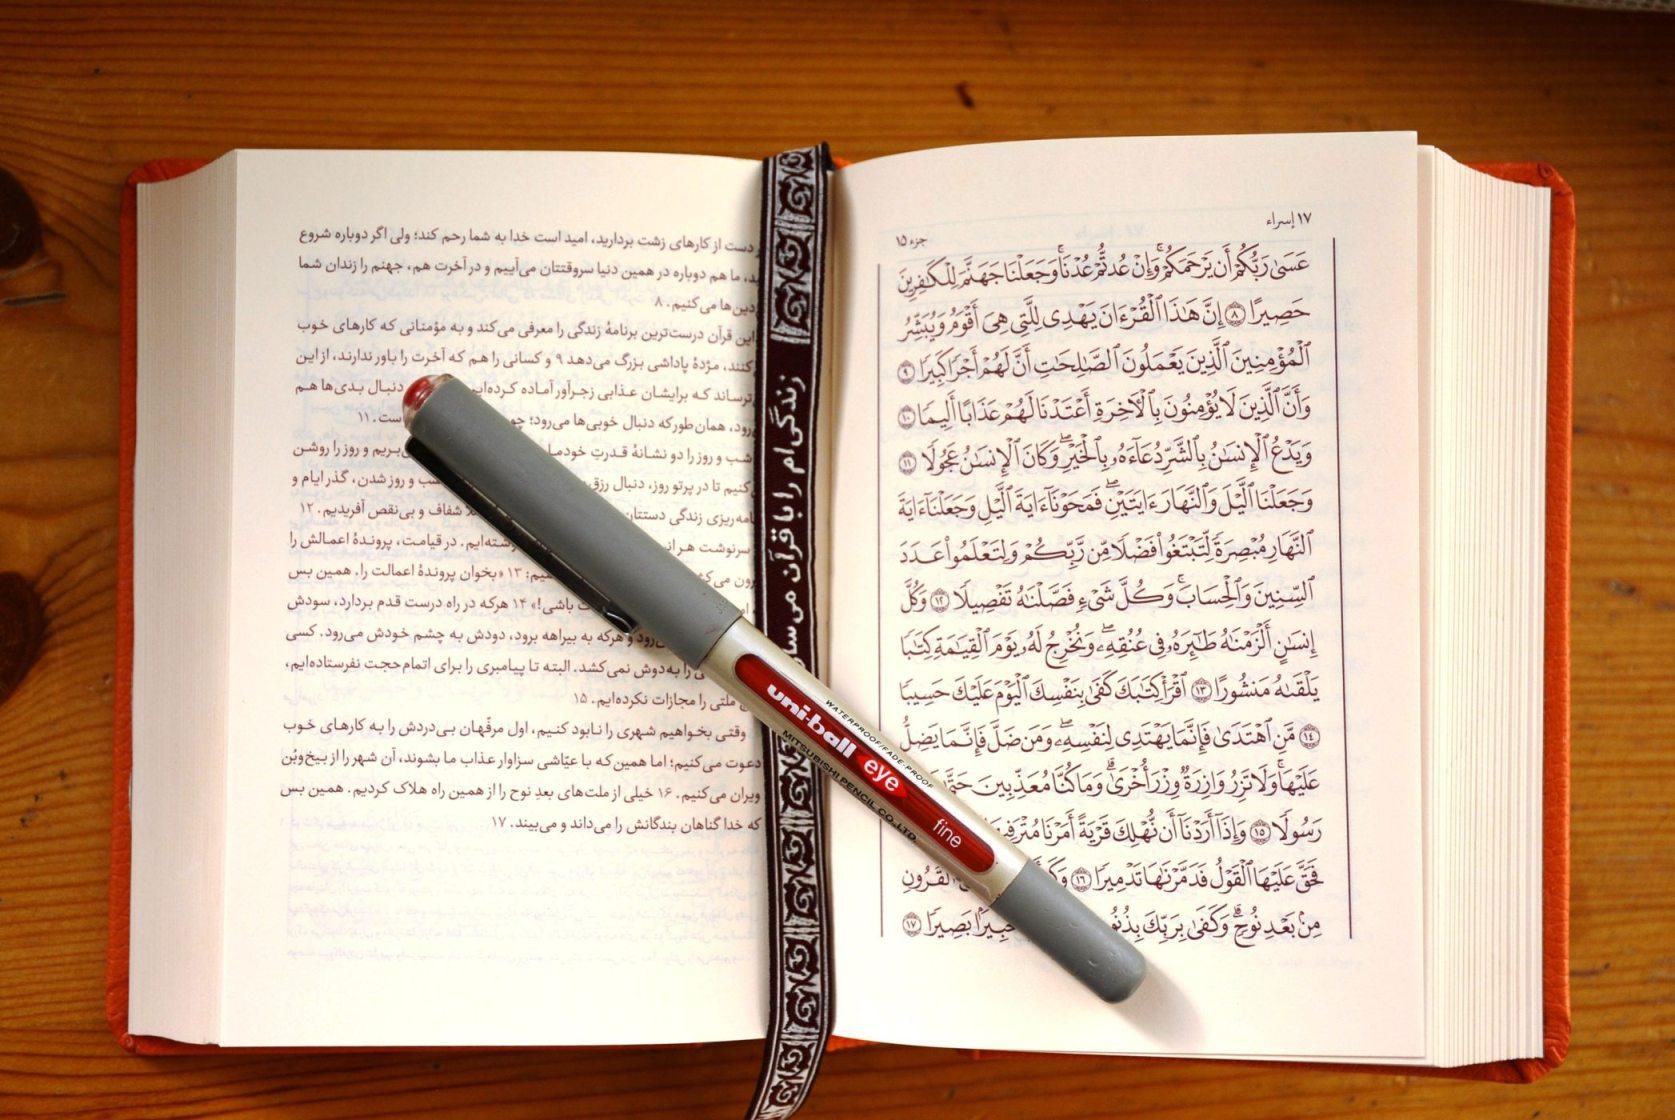 ترجمه-قرآن-ترجمه-خواندنی-قرآن-علی-ملکی-ویراستاران